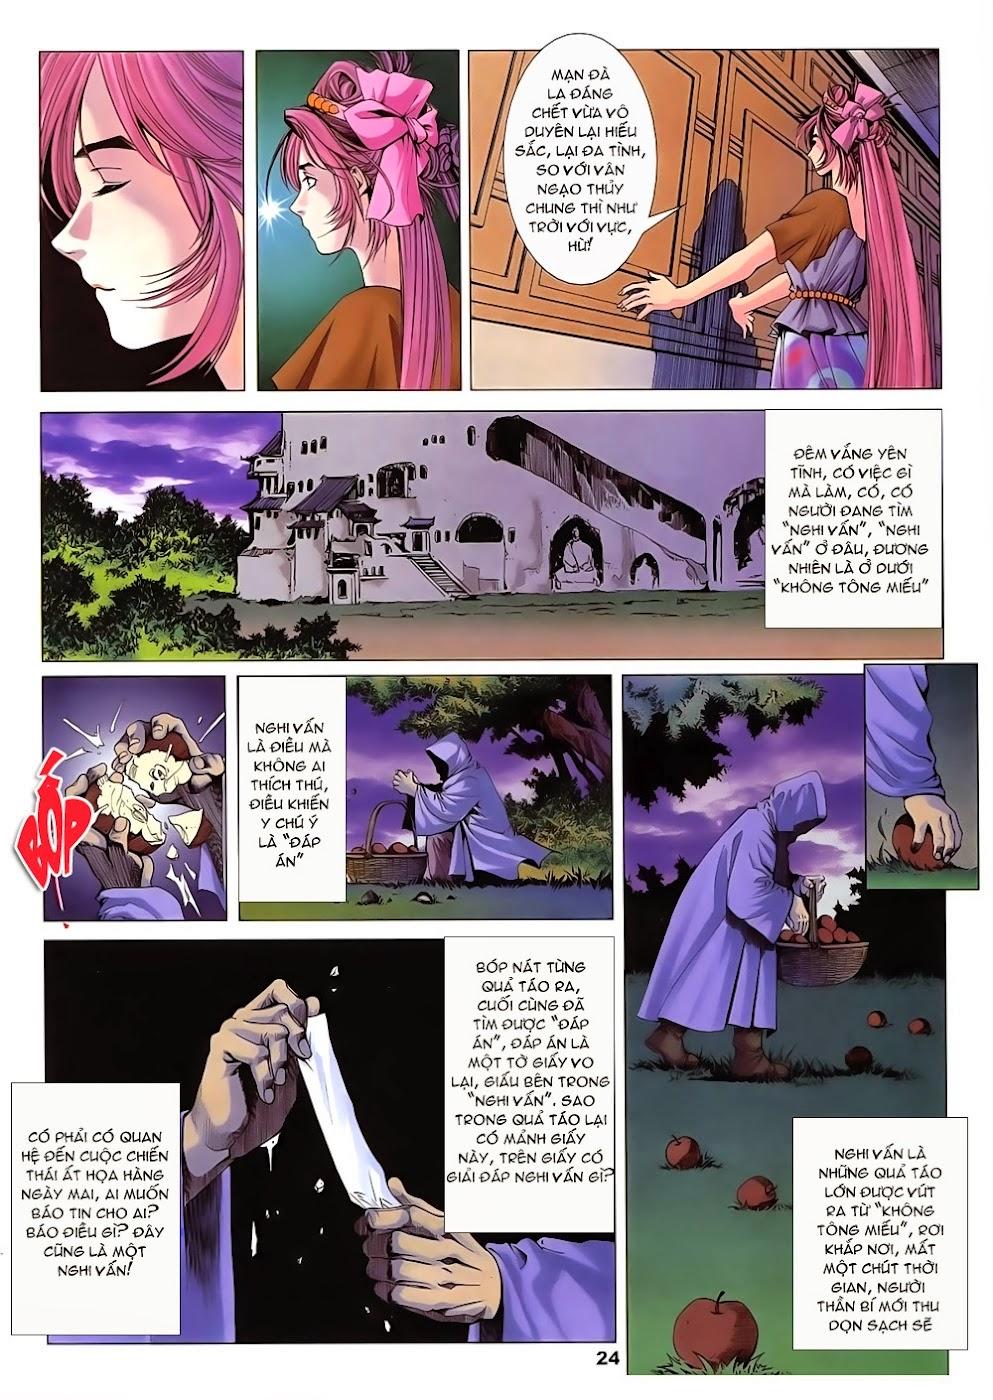 Lục Đạo Thiên Thư chap 14 - Trang 24